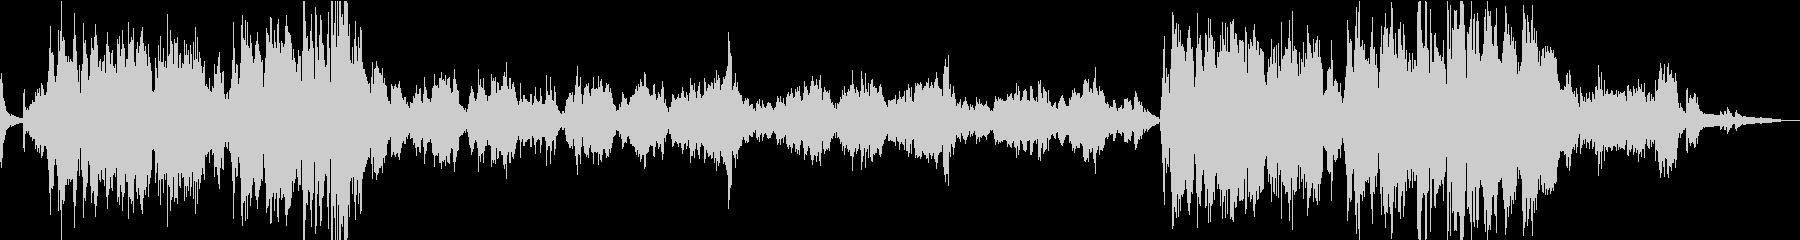 ショパン/幻想即興曲/ヴァイオリンの未再生の波形